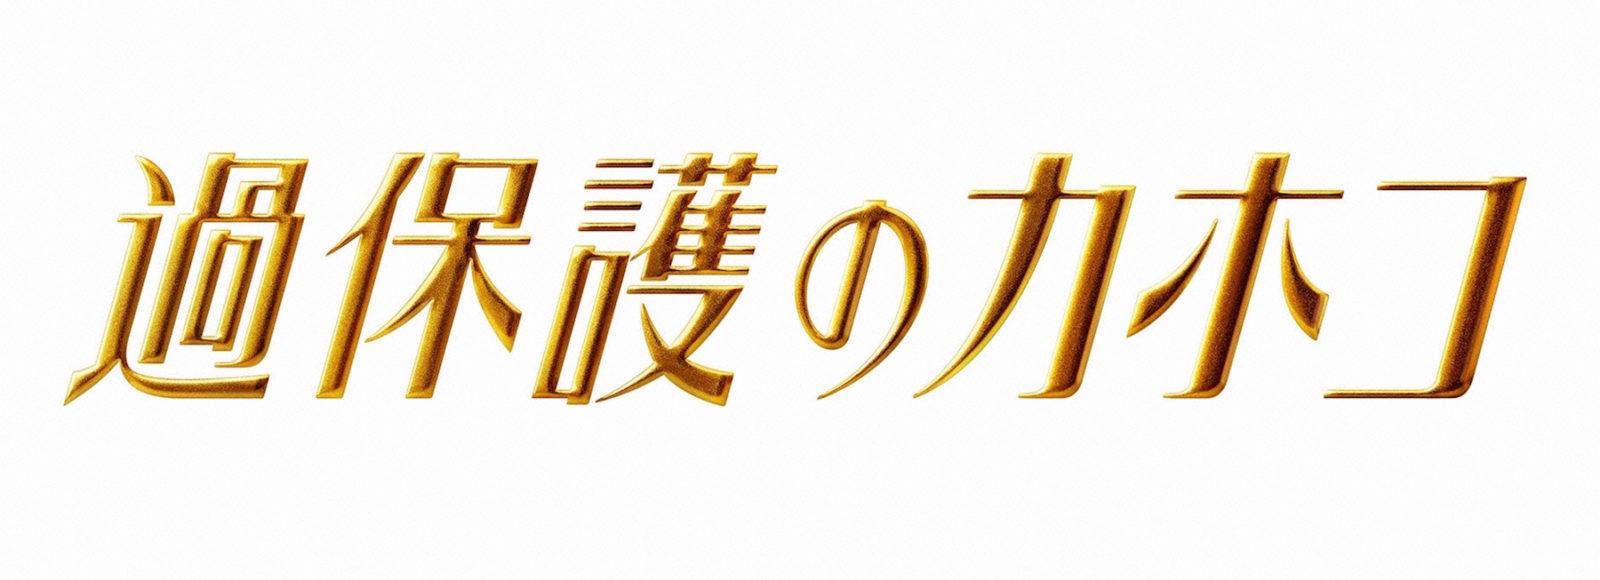 高畑充希主演ドラマ『過保護のカホコ』が北海道で高視聴率獲得サムネイル画像